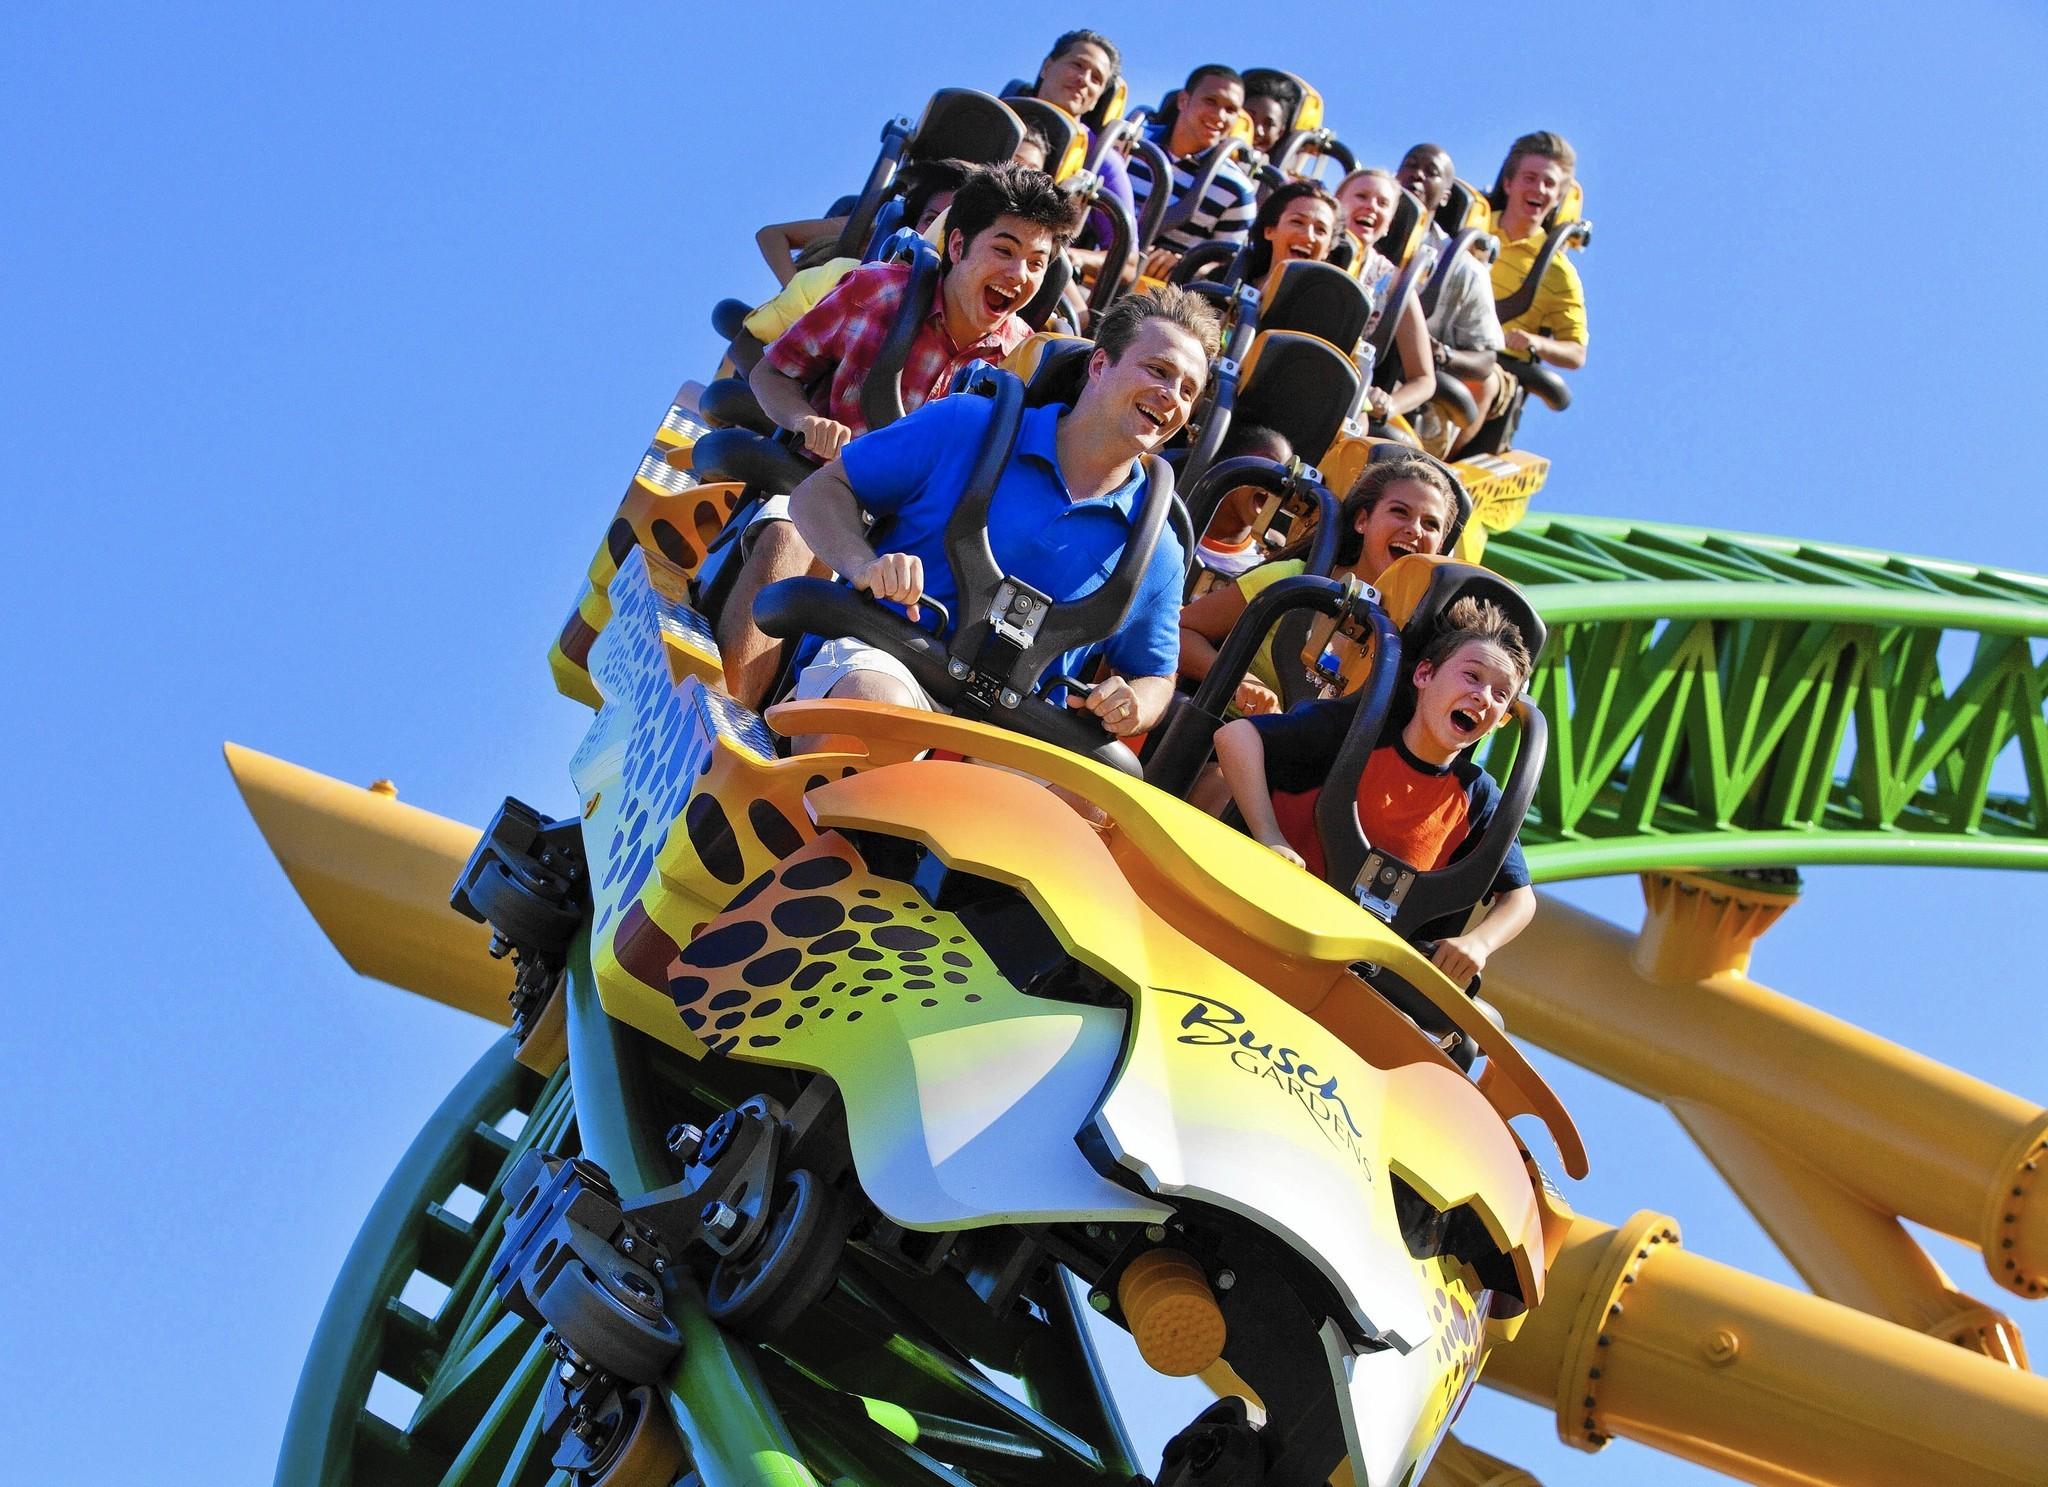 Wildlife thrill rides come together at Busch Gardens Orlando